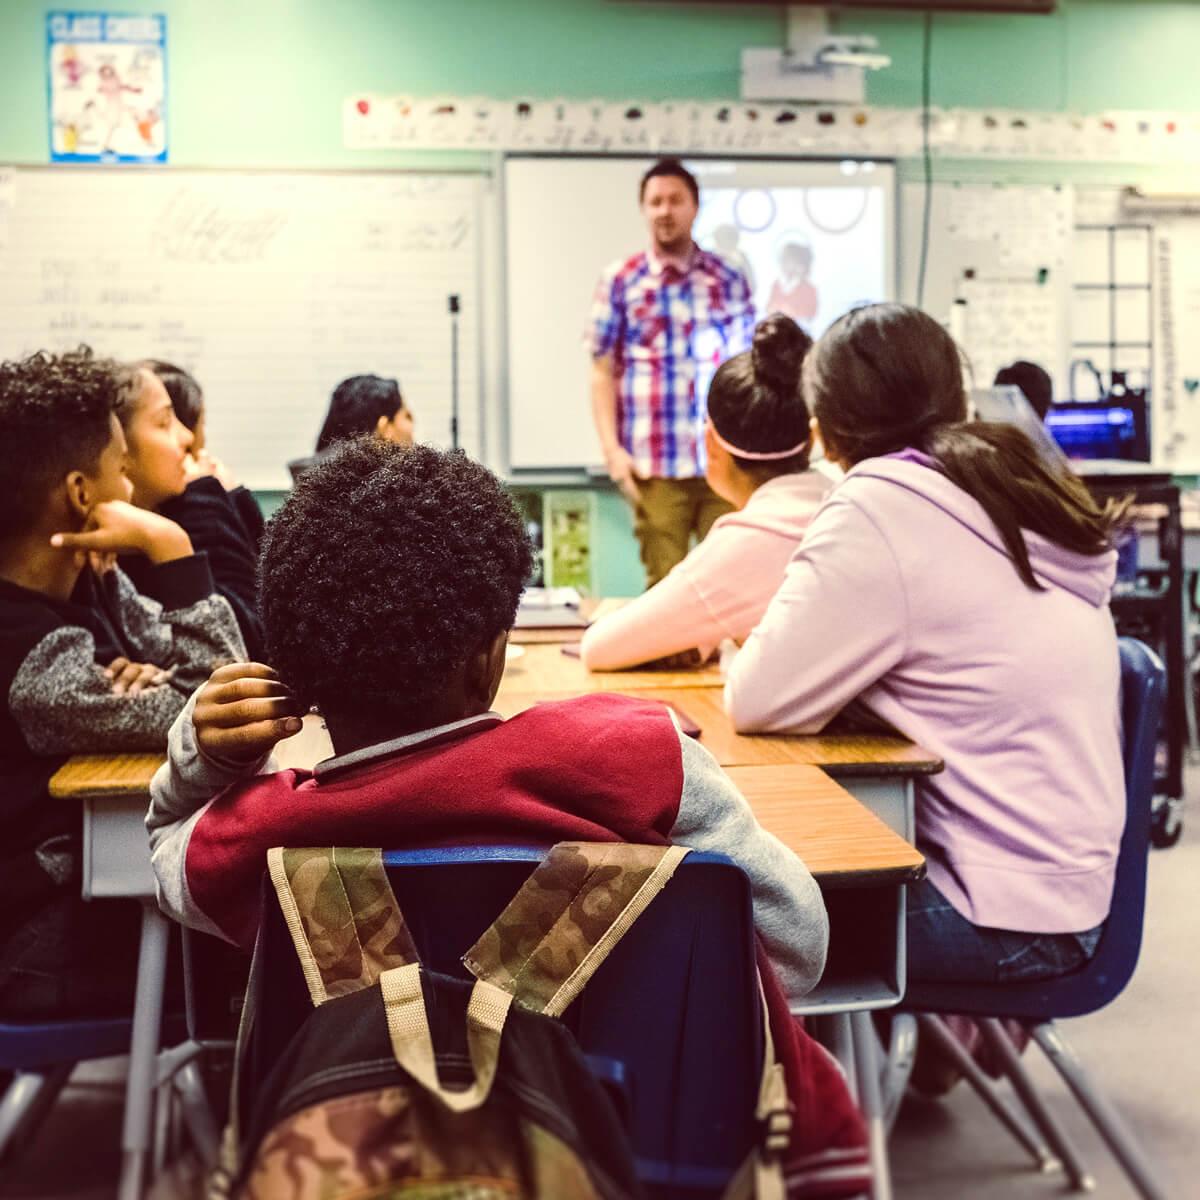 建立「文化共融成長型心态」(CIGM) 教室